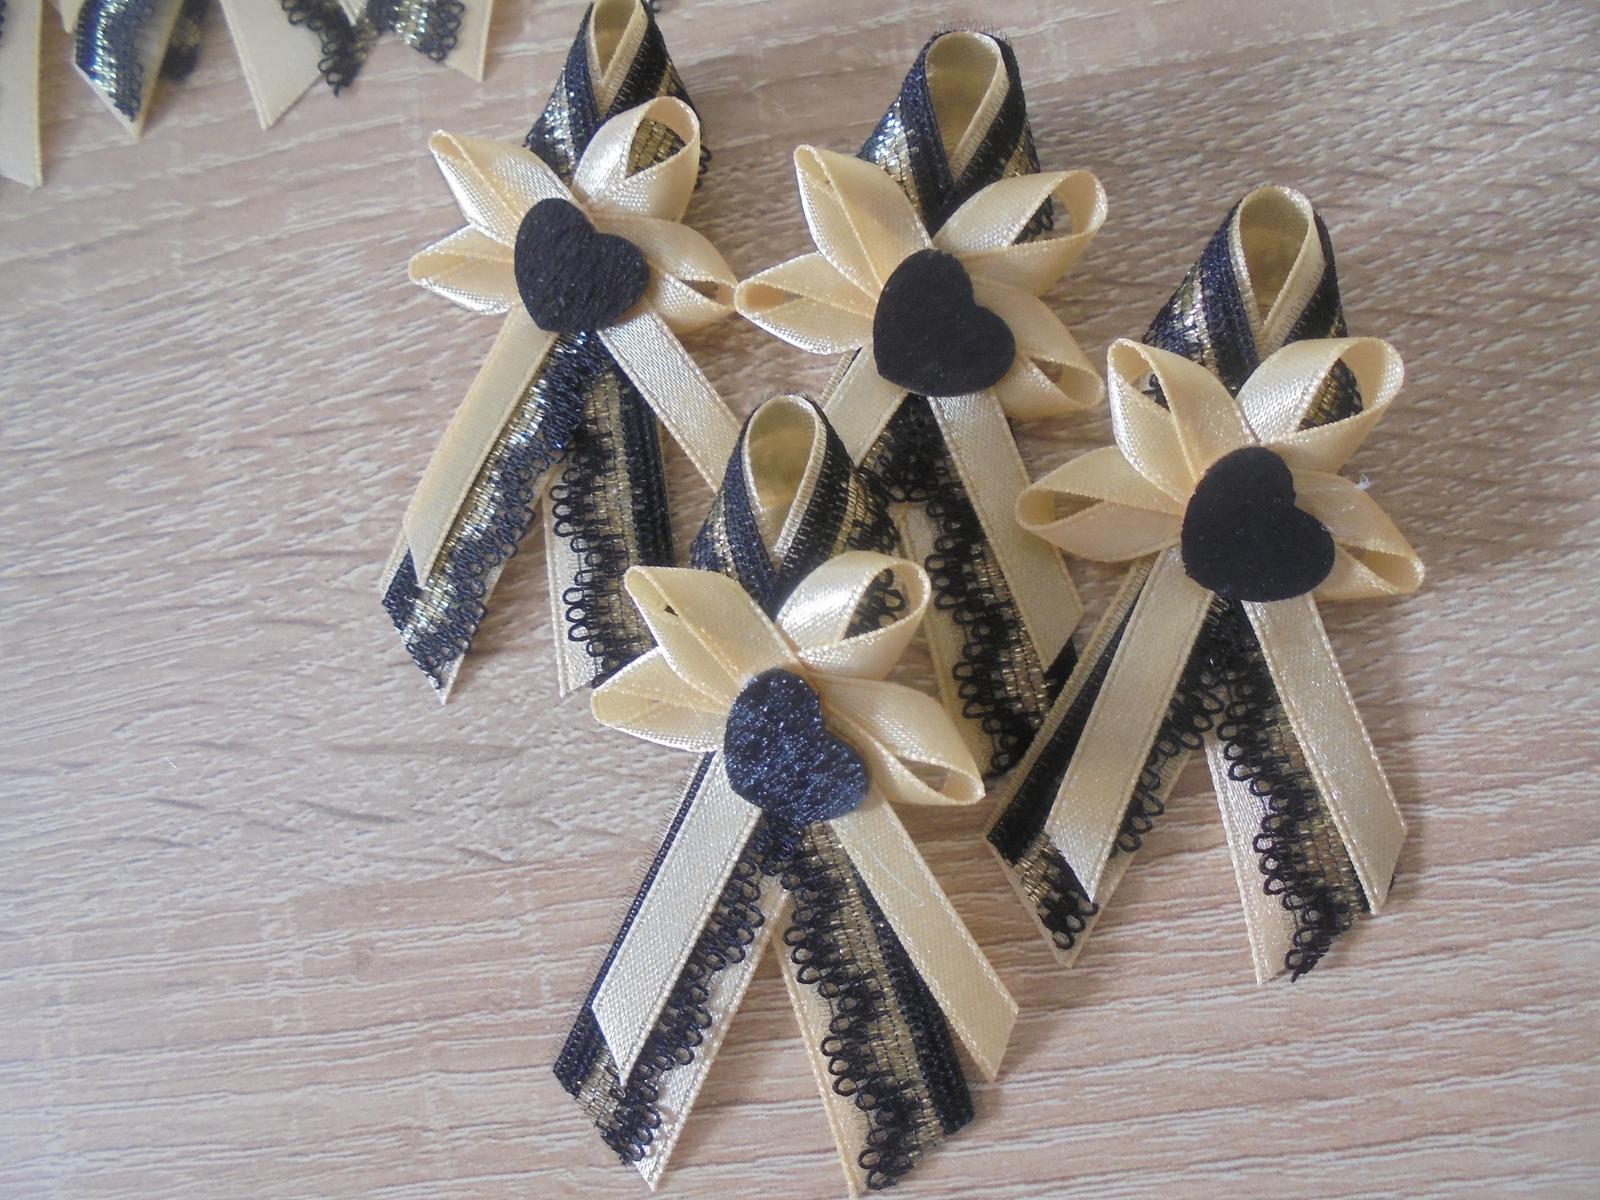 Svadobná dekoracia bielo-zlatá - Pekná kombinácia zlato-čierna.